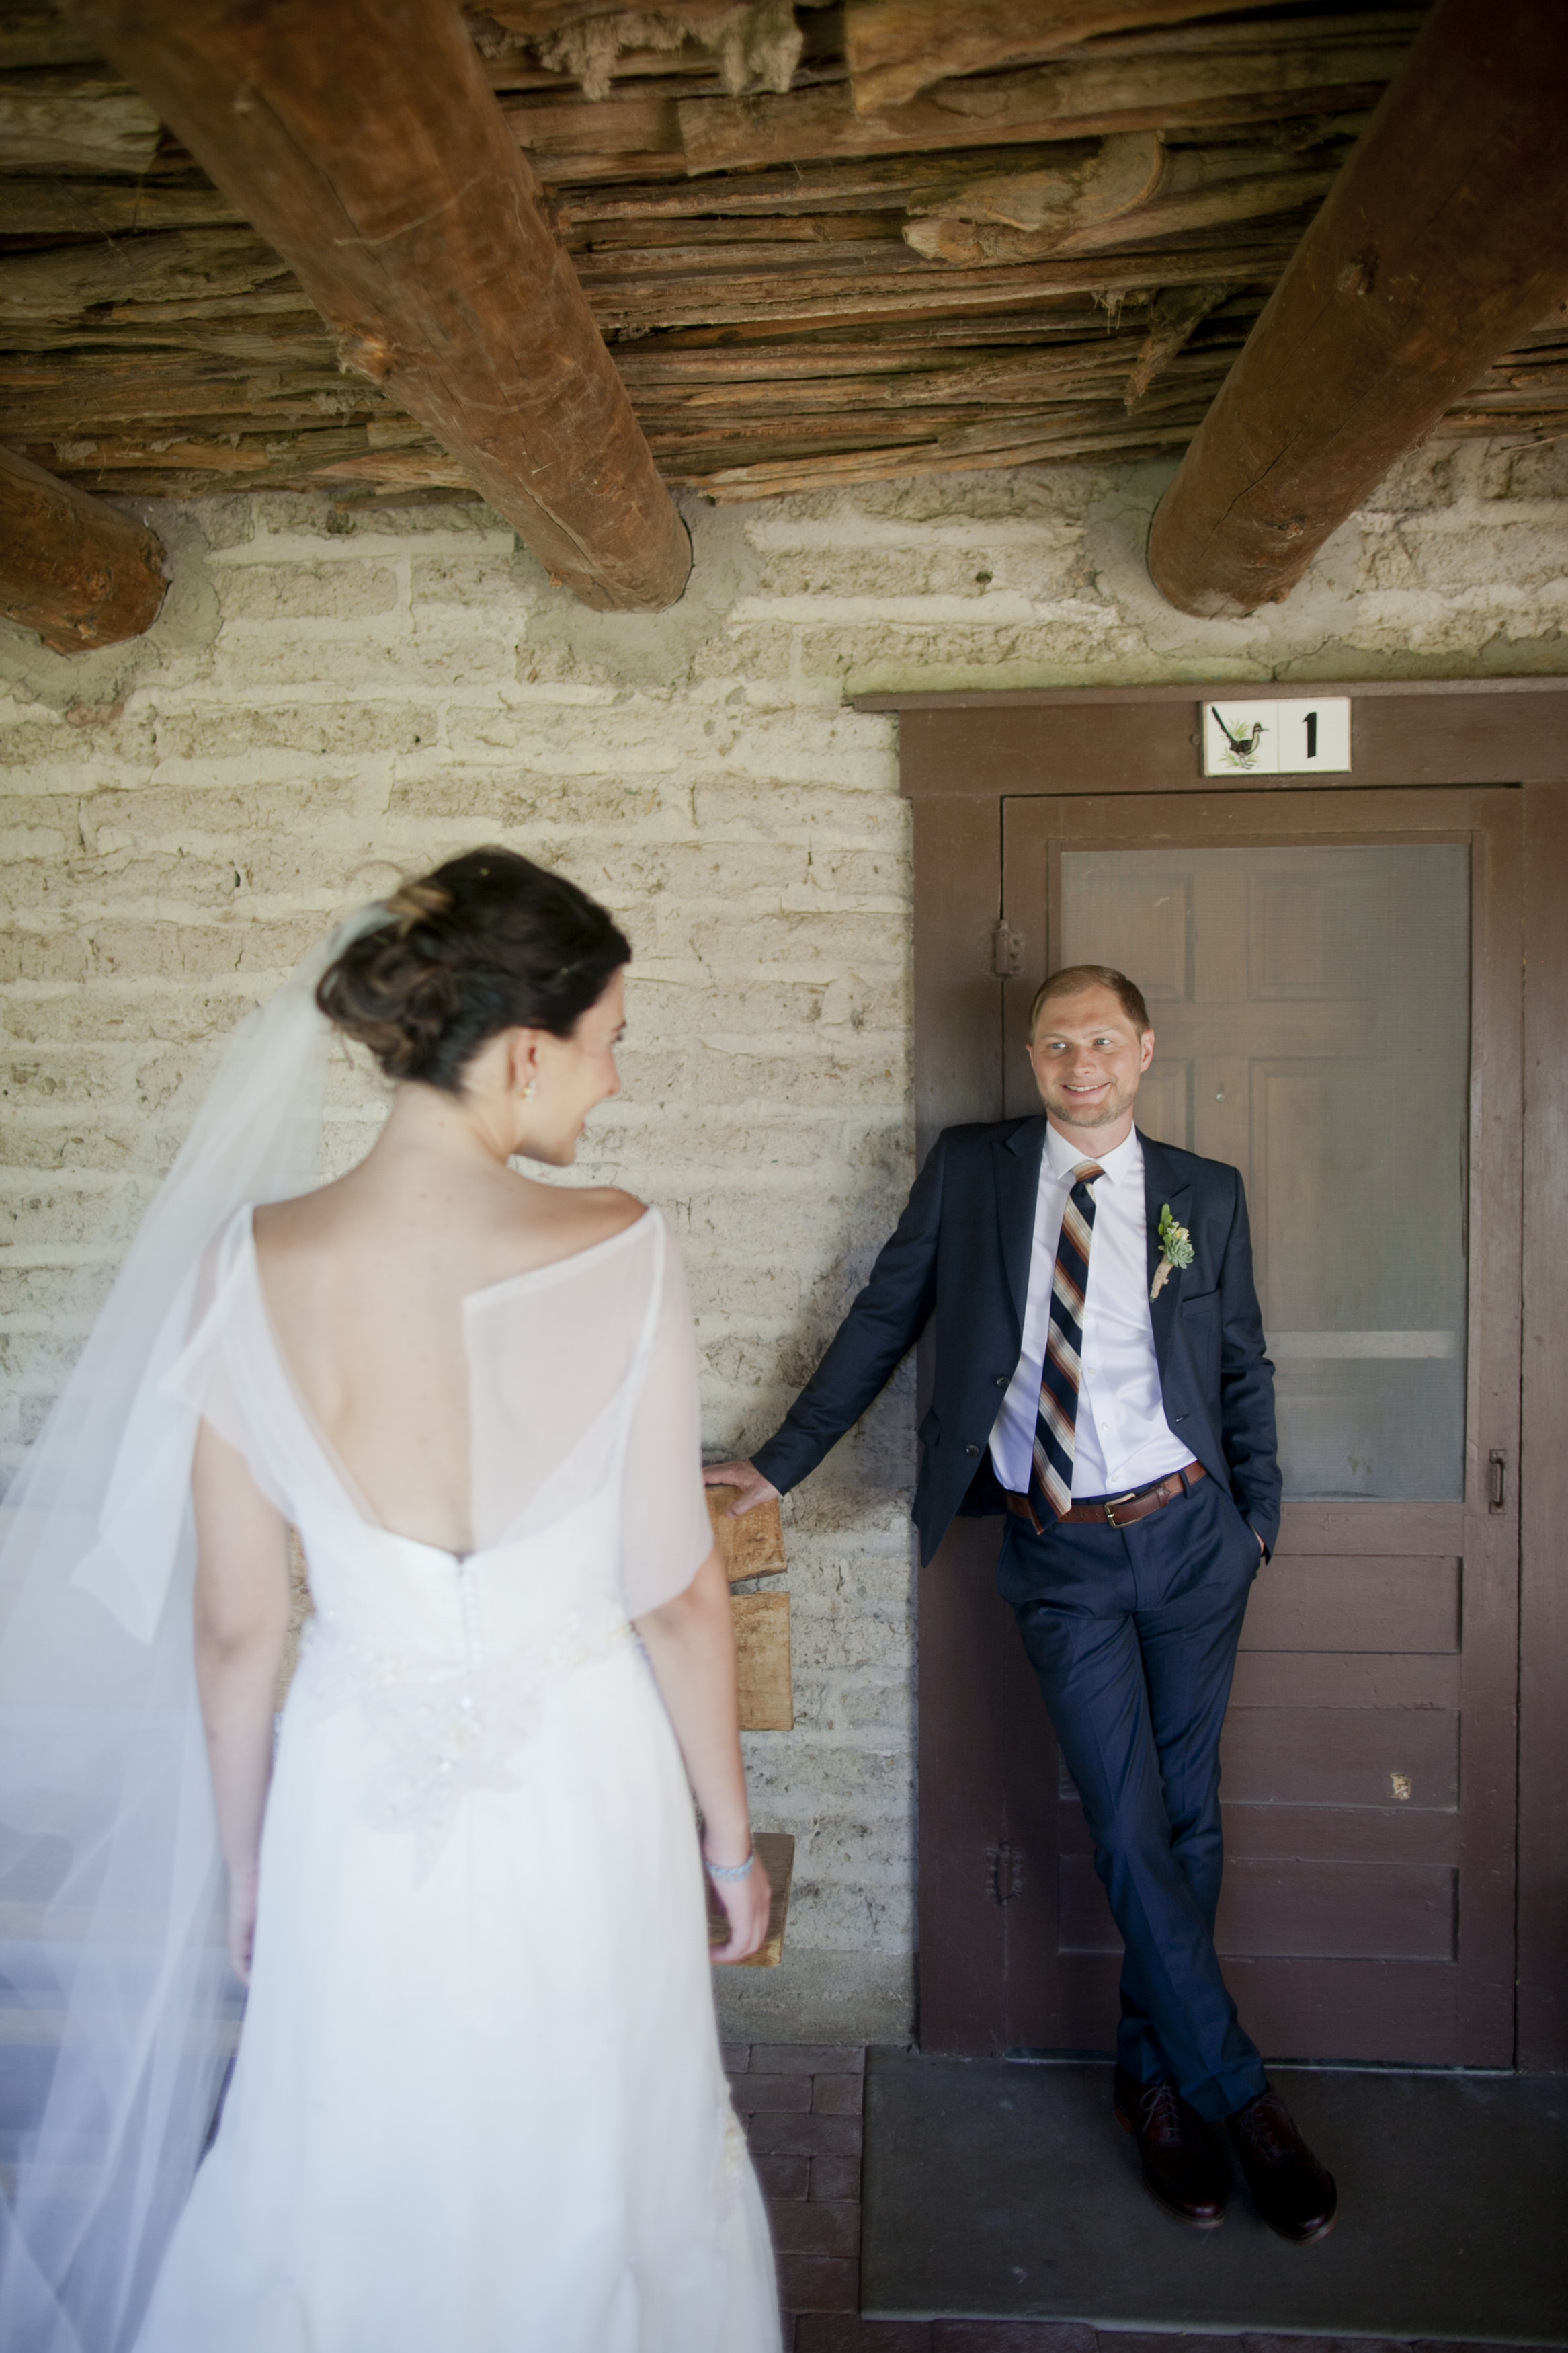 Ceci_New_York_Ceci_Style_Ceci_Johnson_Luxury_Lifestyle_Arizona_Wedding_Watercolor_Inspiration_Design_Custom_Couture_Personalized_Invitations_45.jpg